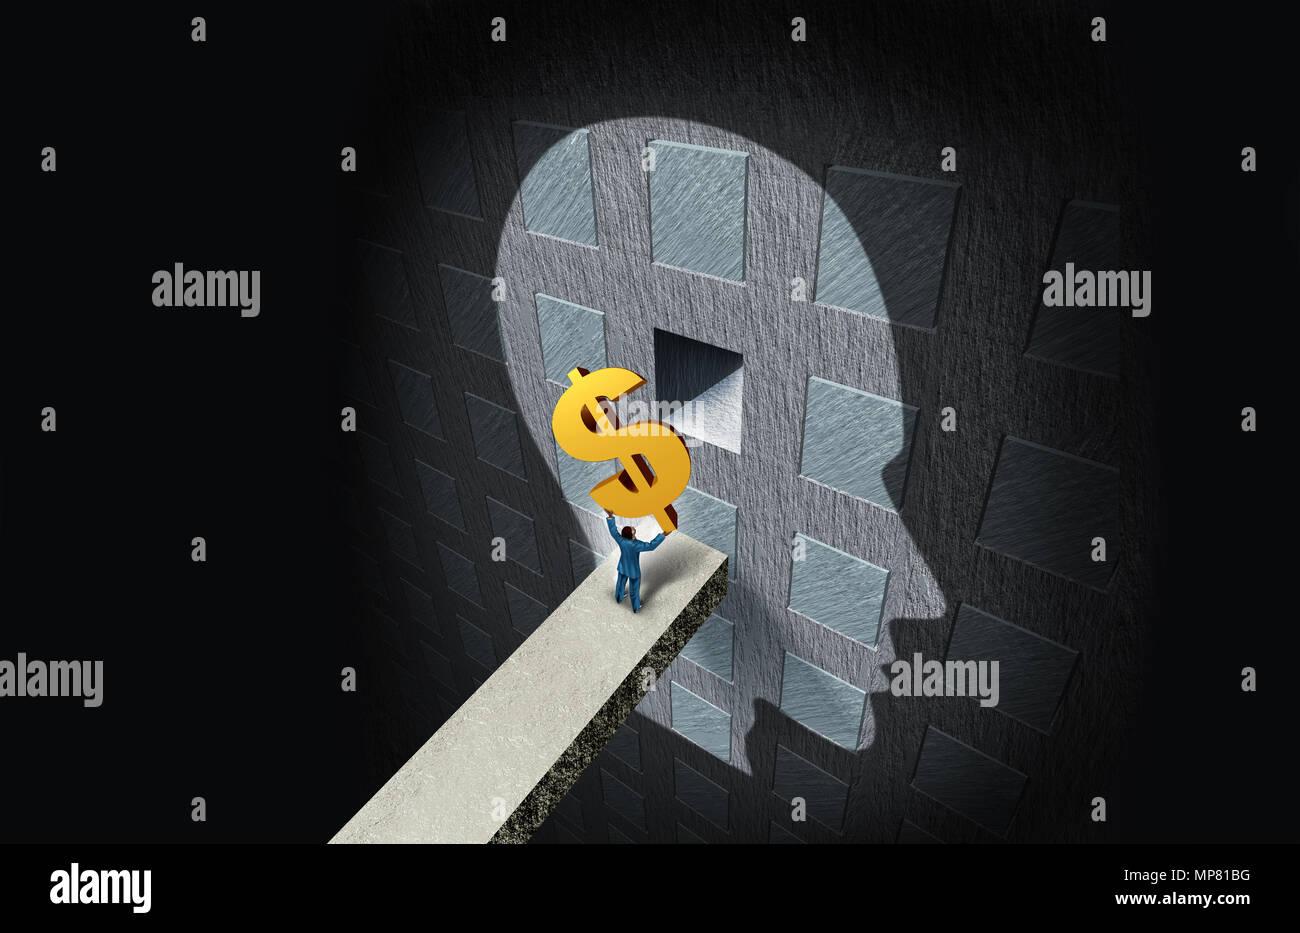 La psychologie d'entreprise concept et la richesse de la pensée ou l'éducation financière et en psychiatrie ou un psychologue symbole frais avec 3D illustration éléments. Photo Stock